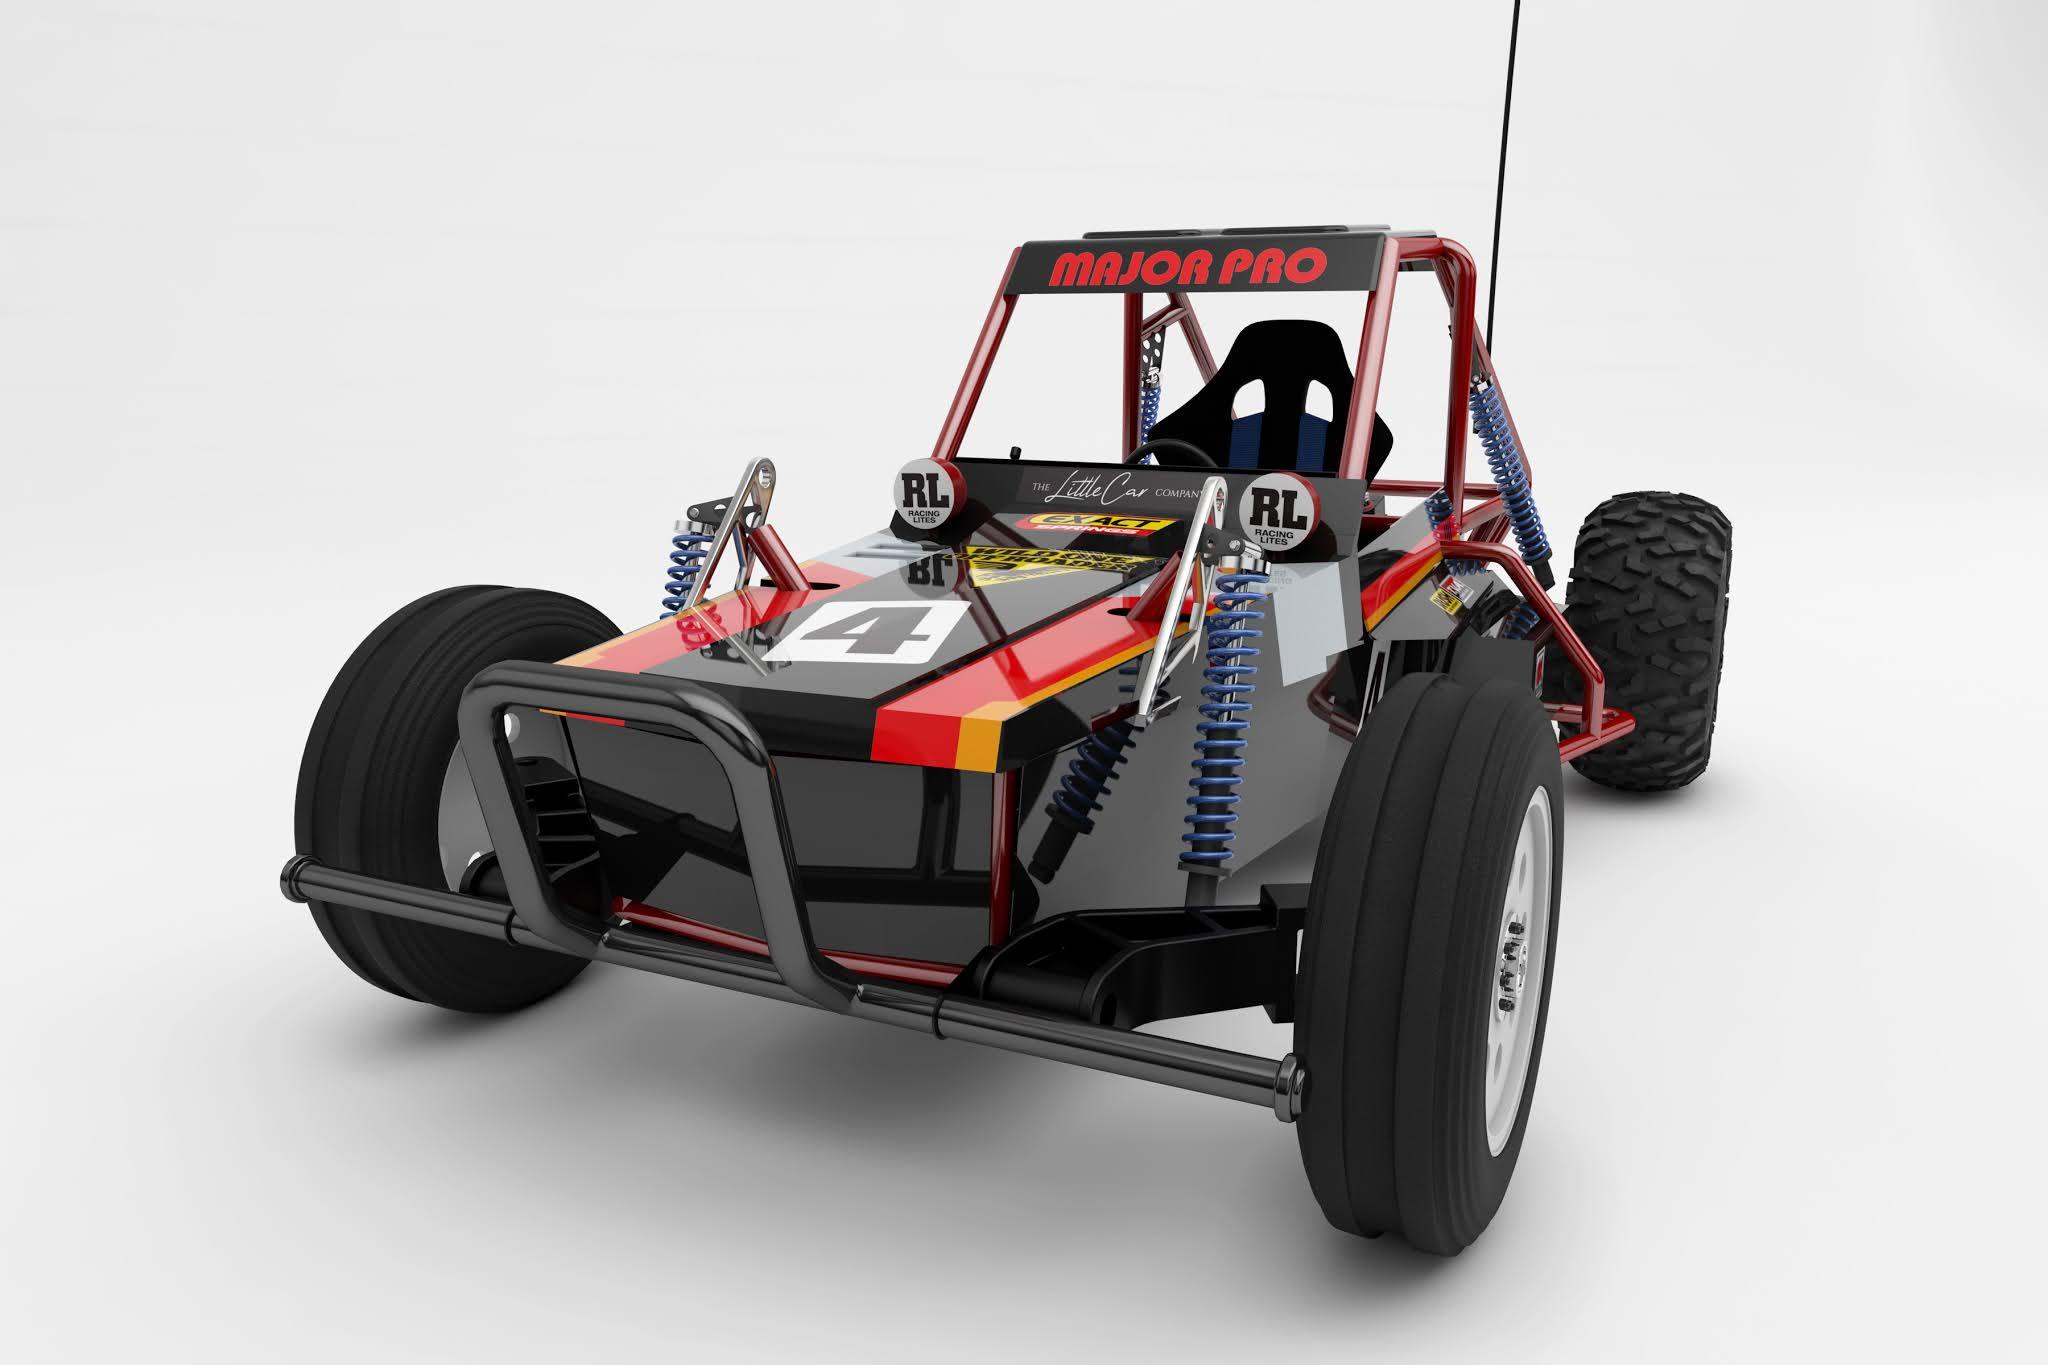 TAMIYA WILD ONE MAX | Bald kann man eine RC Auto Legende selber fahren. Natürlich elektrisch.